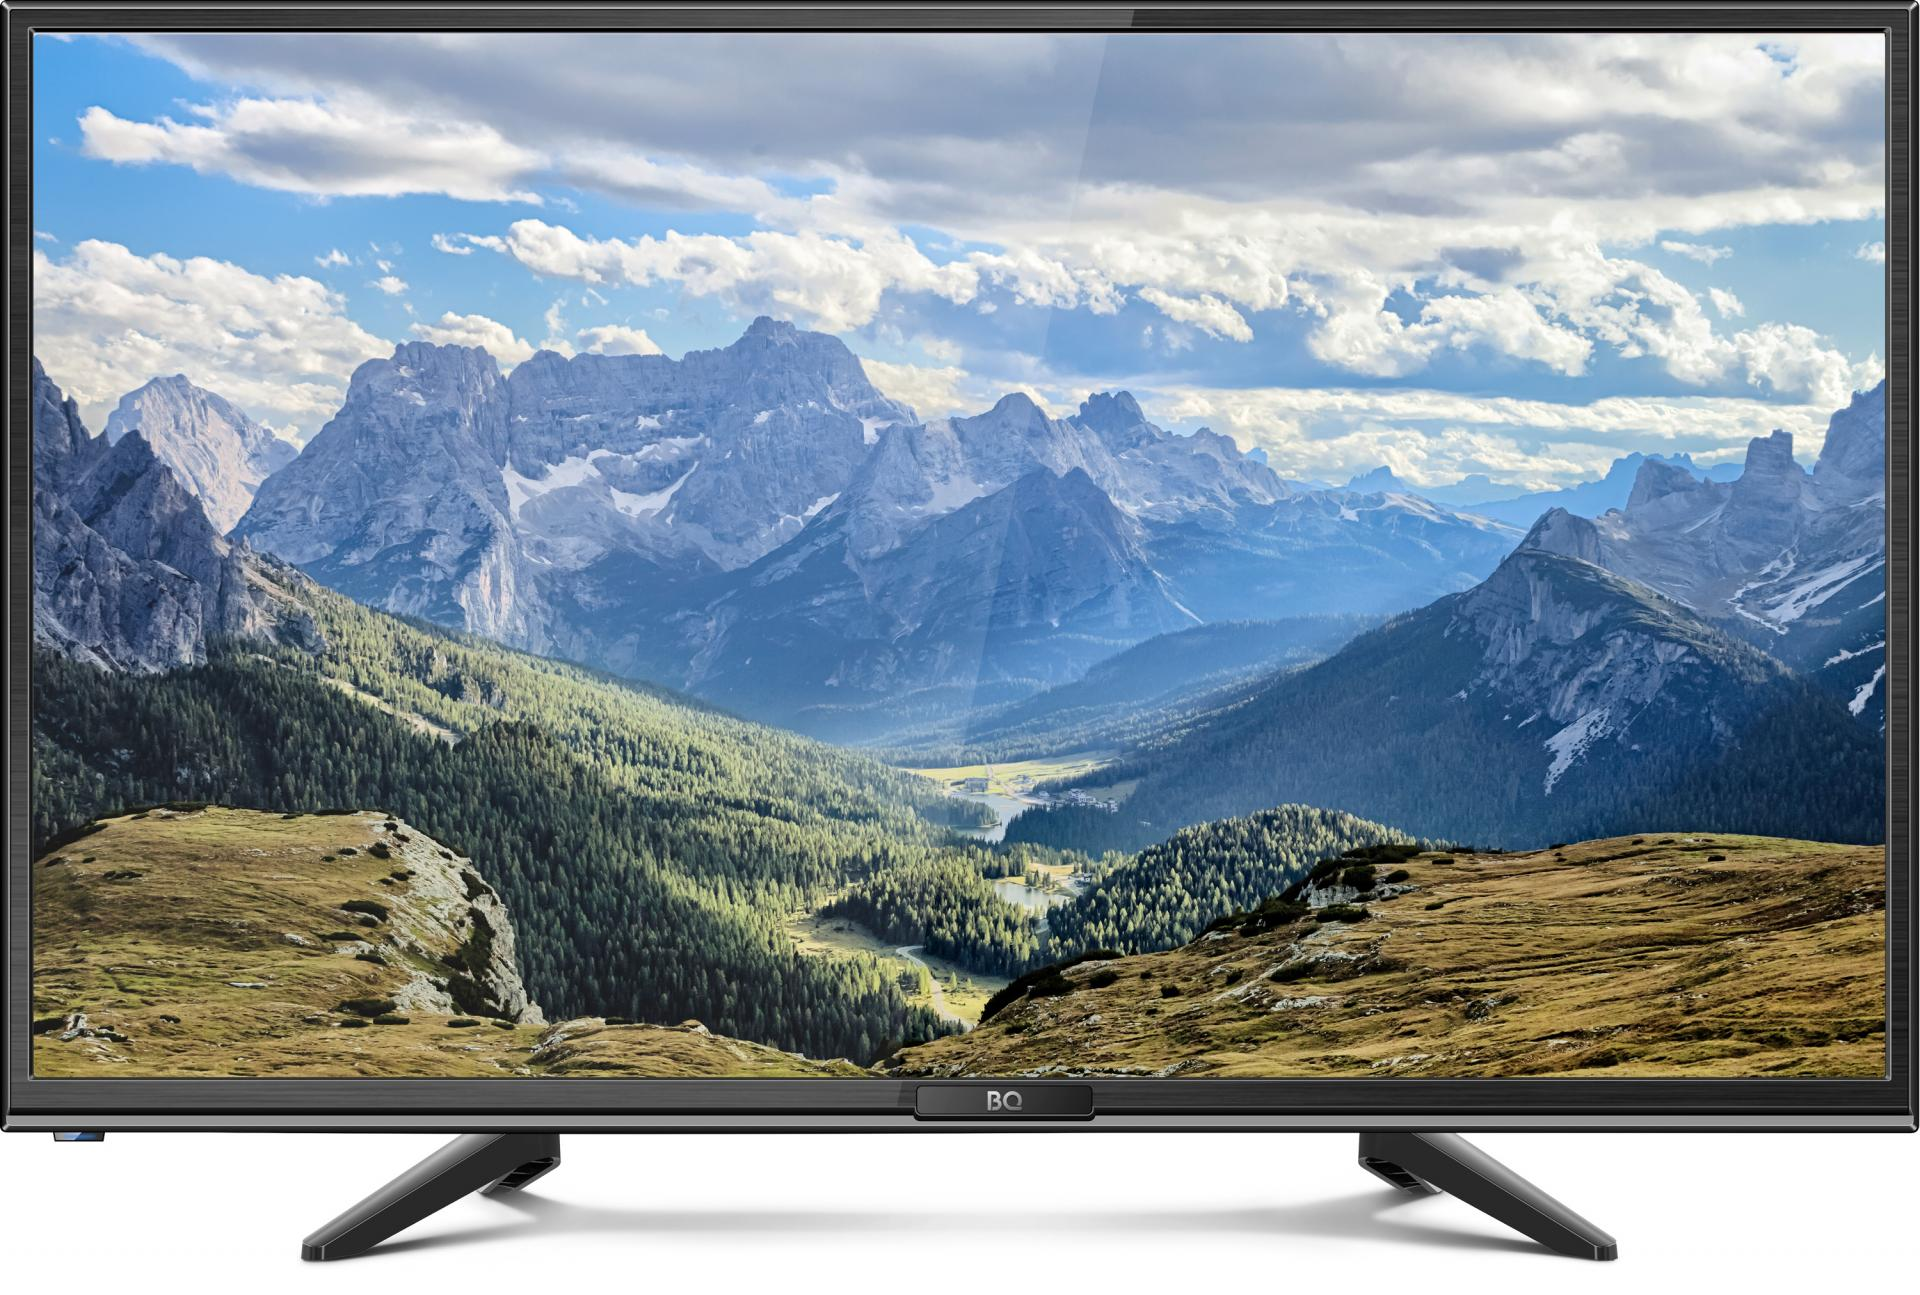 BQначинает продажу телевизоров. Ценами обещает конкурировать сXiaomi